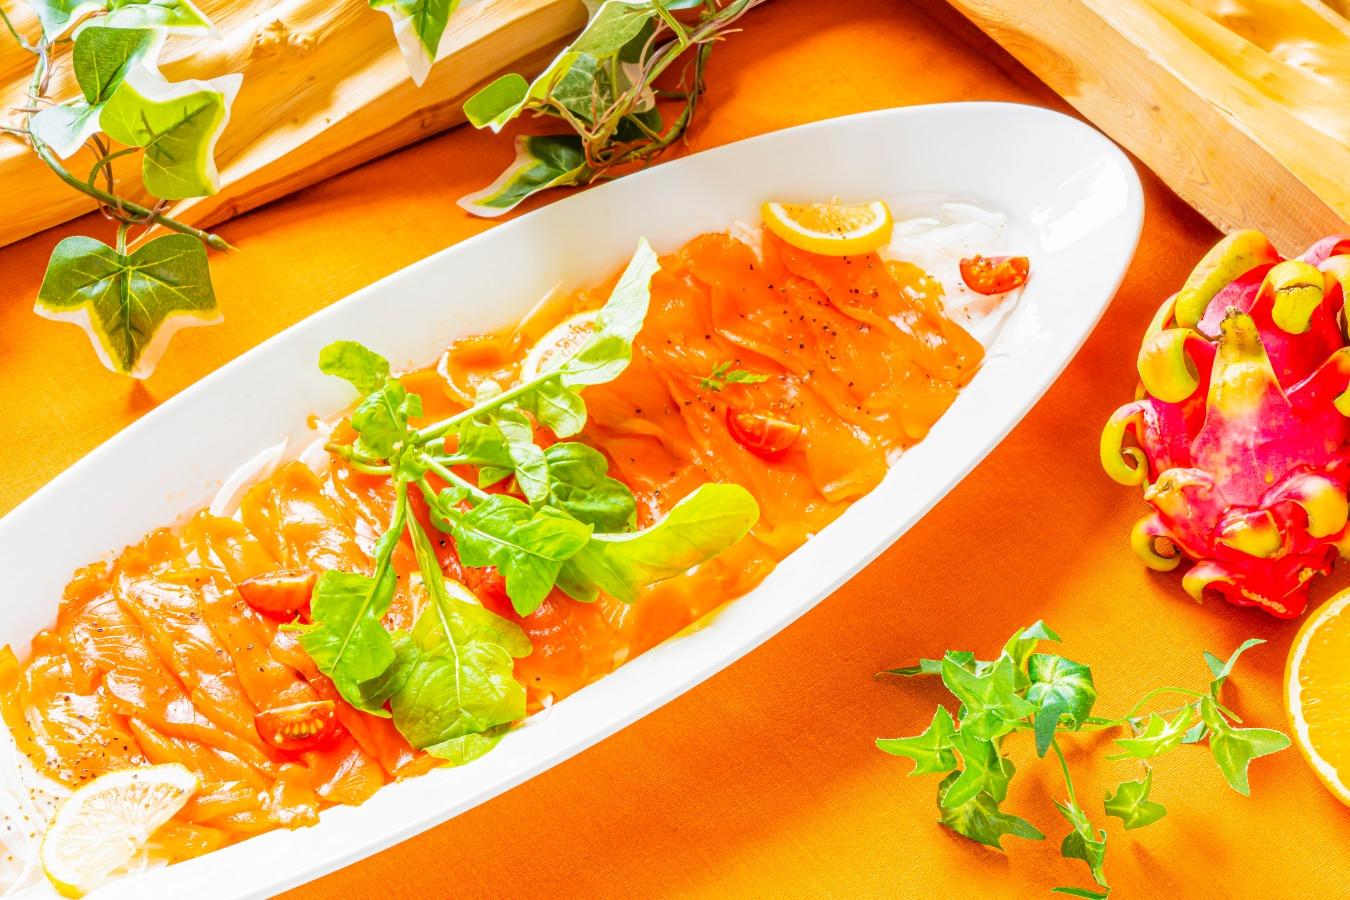 【ビュッフェ】鮮魚のアクアパッツァ付の全15品!社内イベント向けケータリングプラン画像4